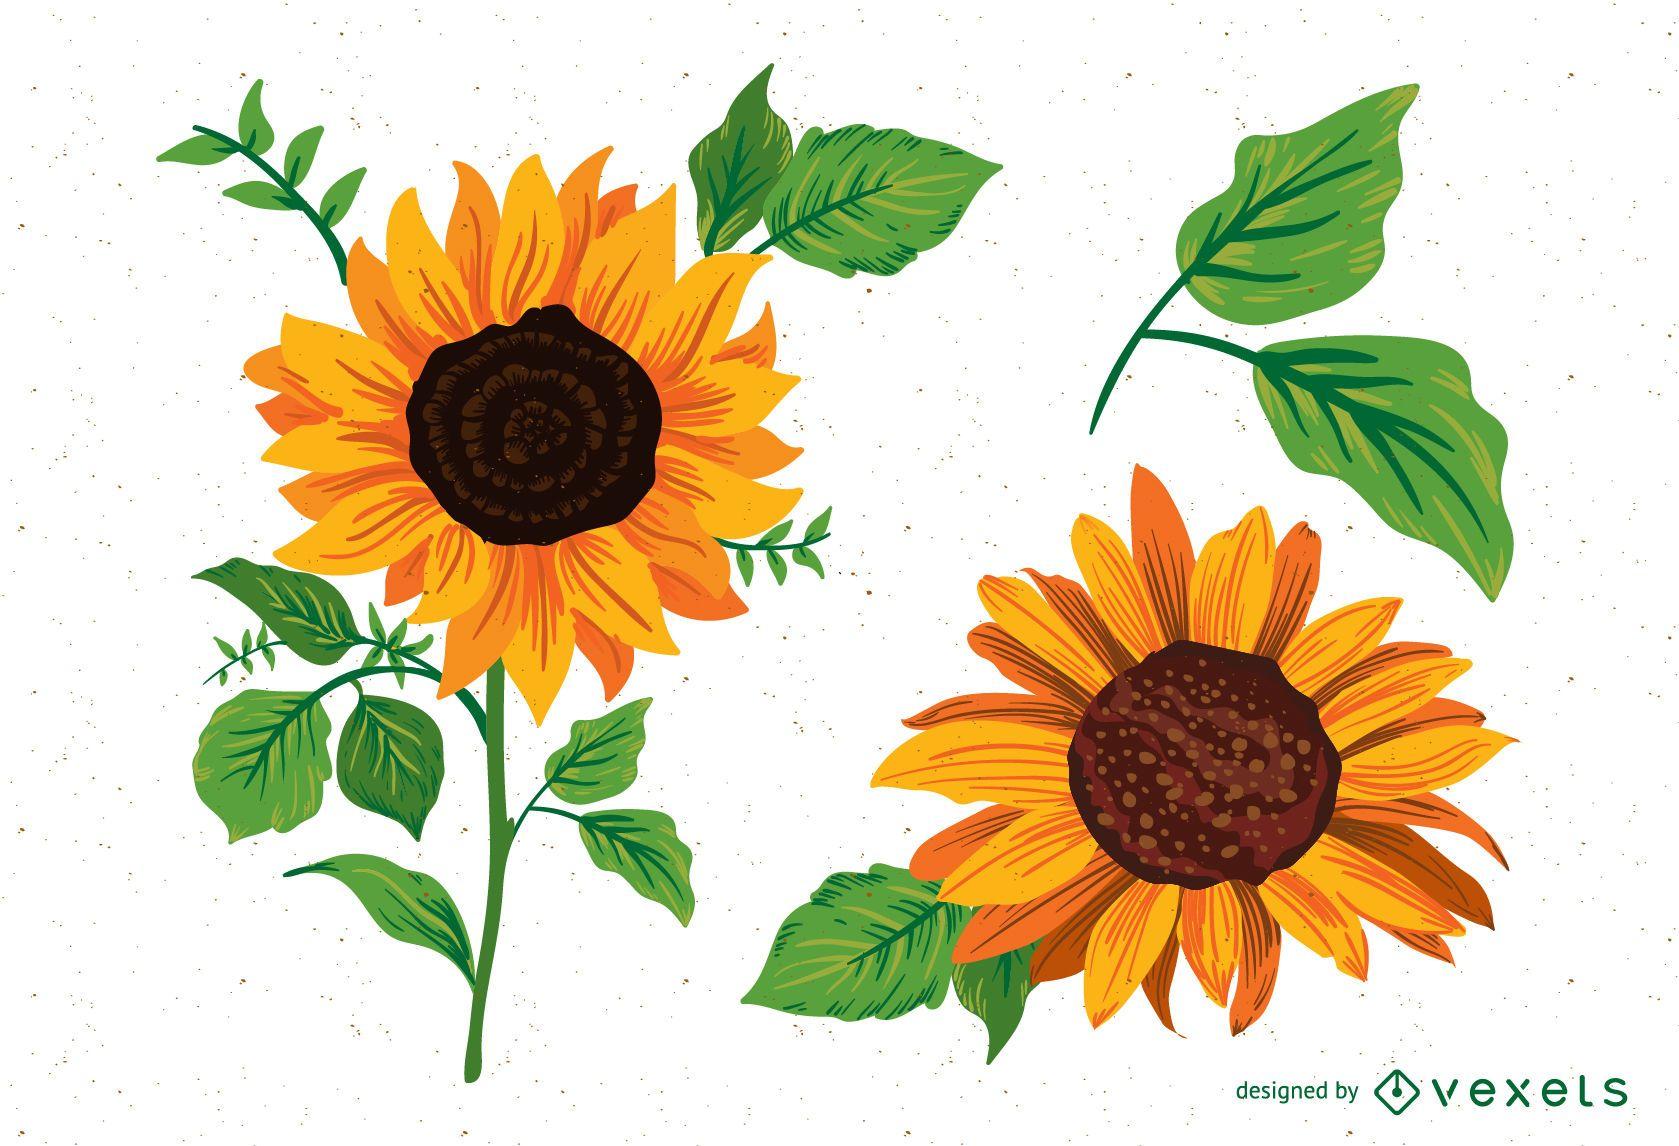 Sunflower illustrations pack